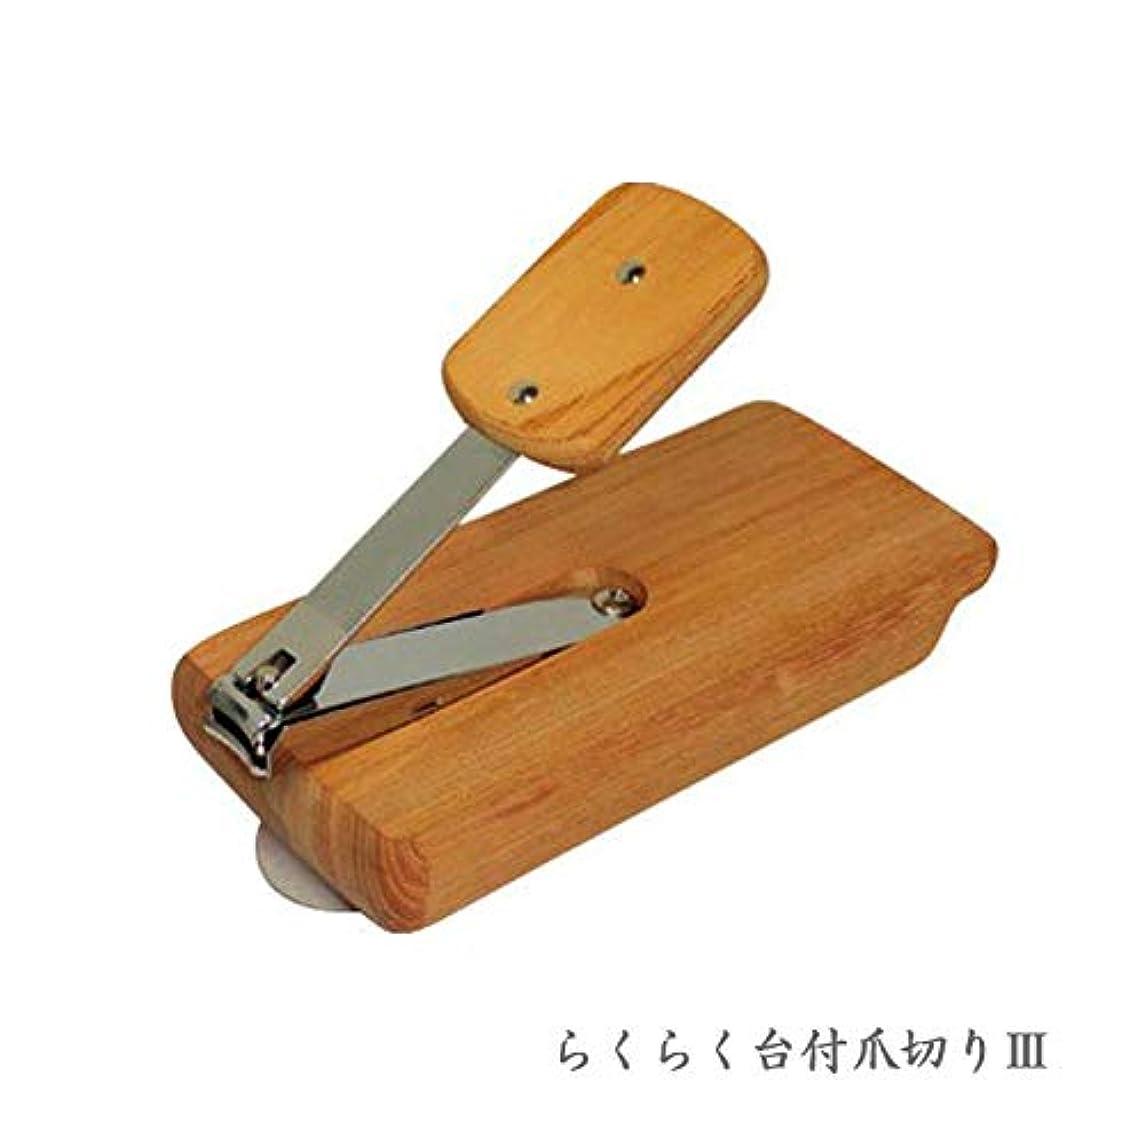 裁定見捨てる運動らくらく台付爪切り3 ウカイ利器 爪切り